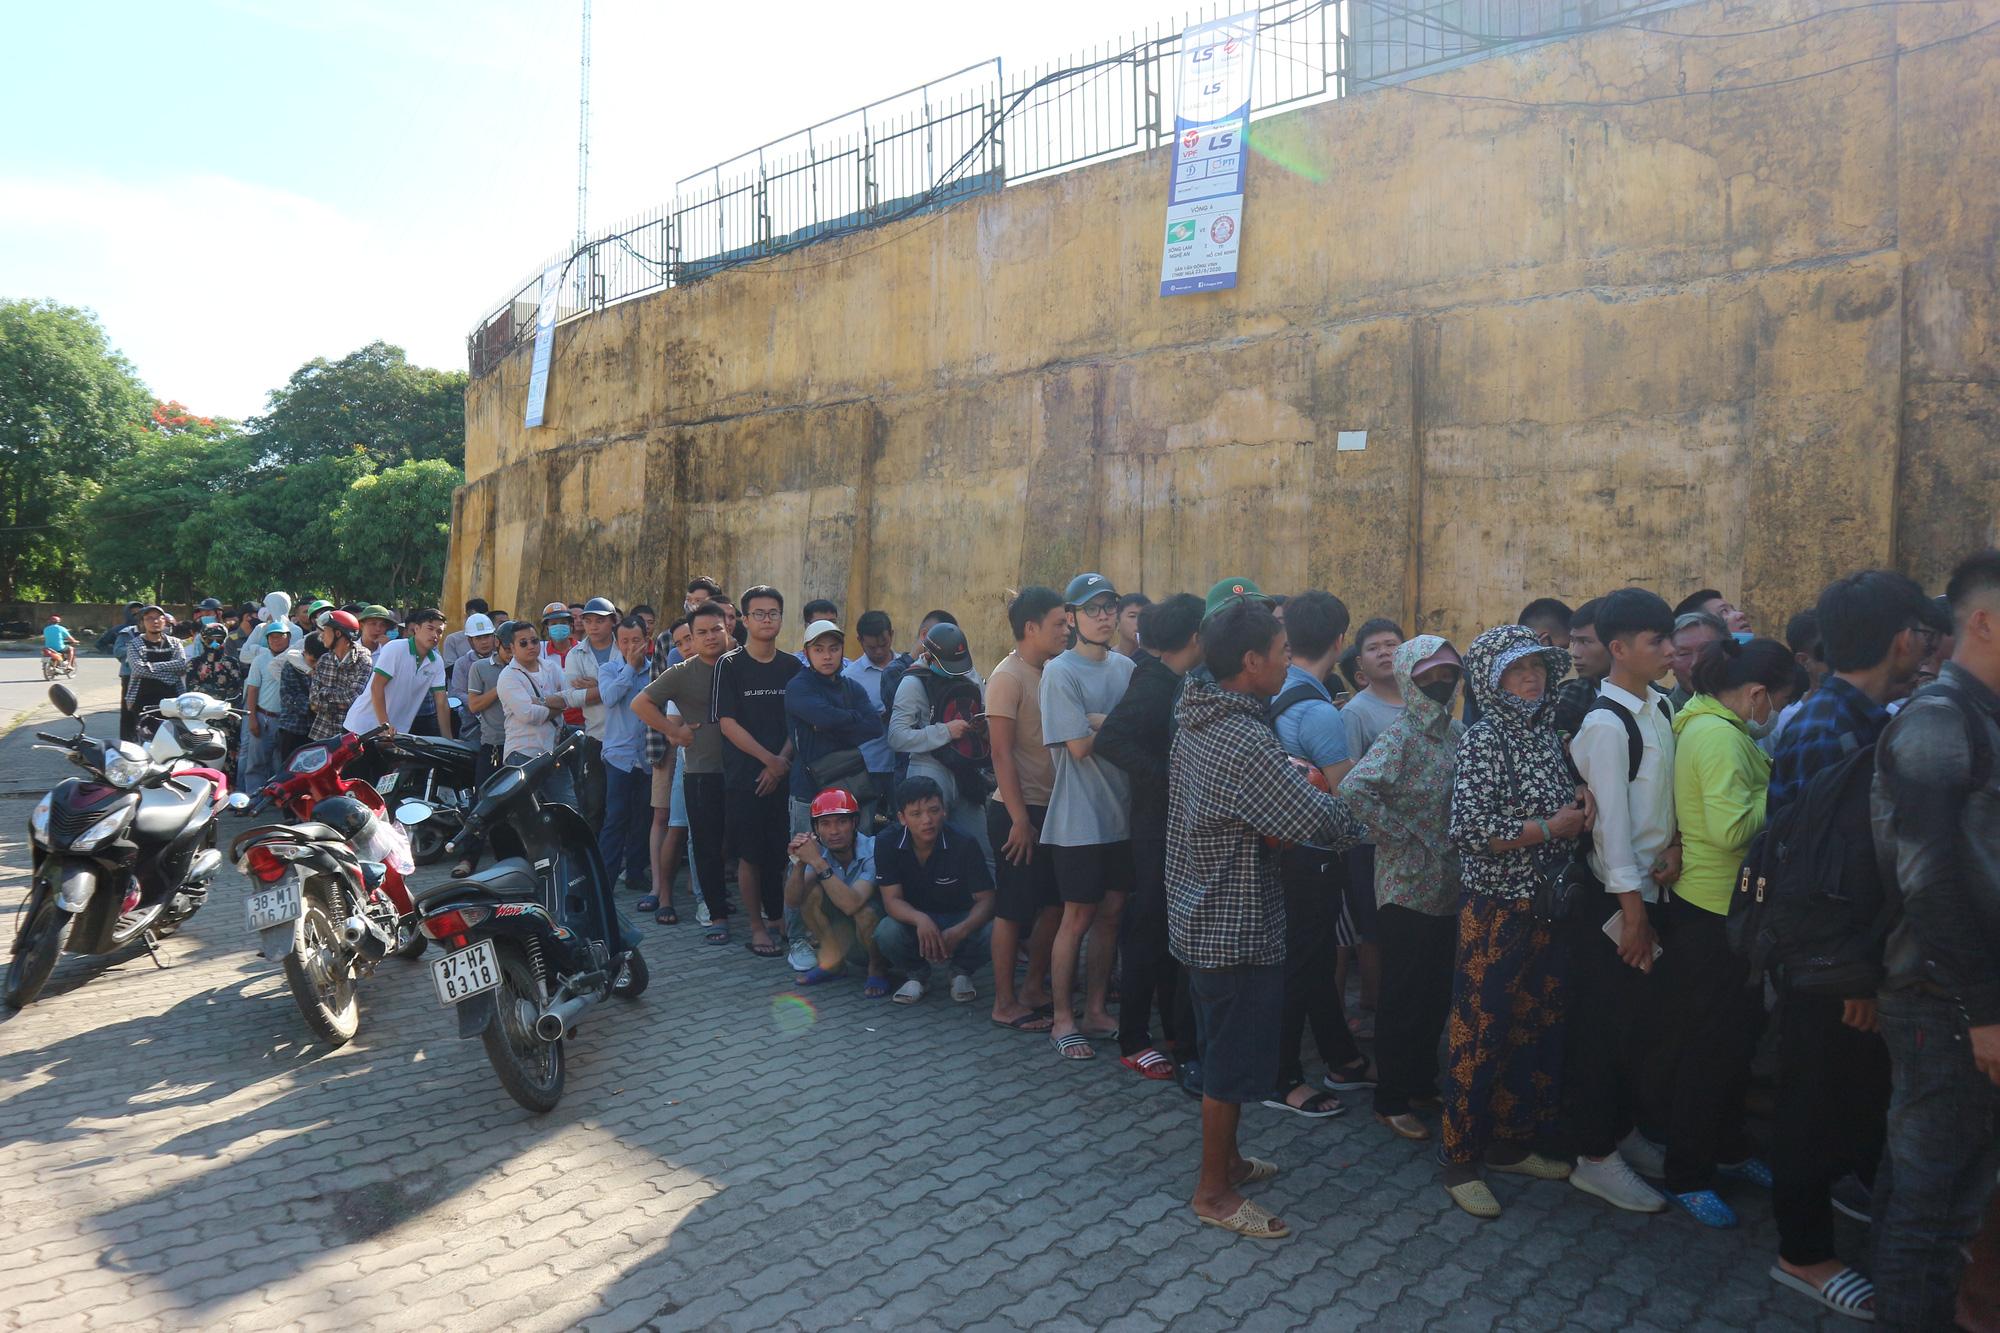 Hàng ngàn cổ động viên xứ Nghệ chen chân mua vé vào sân Vinh - Ảnh 8.